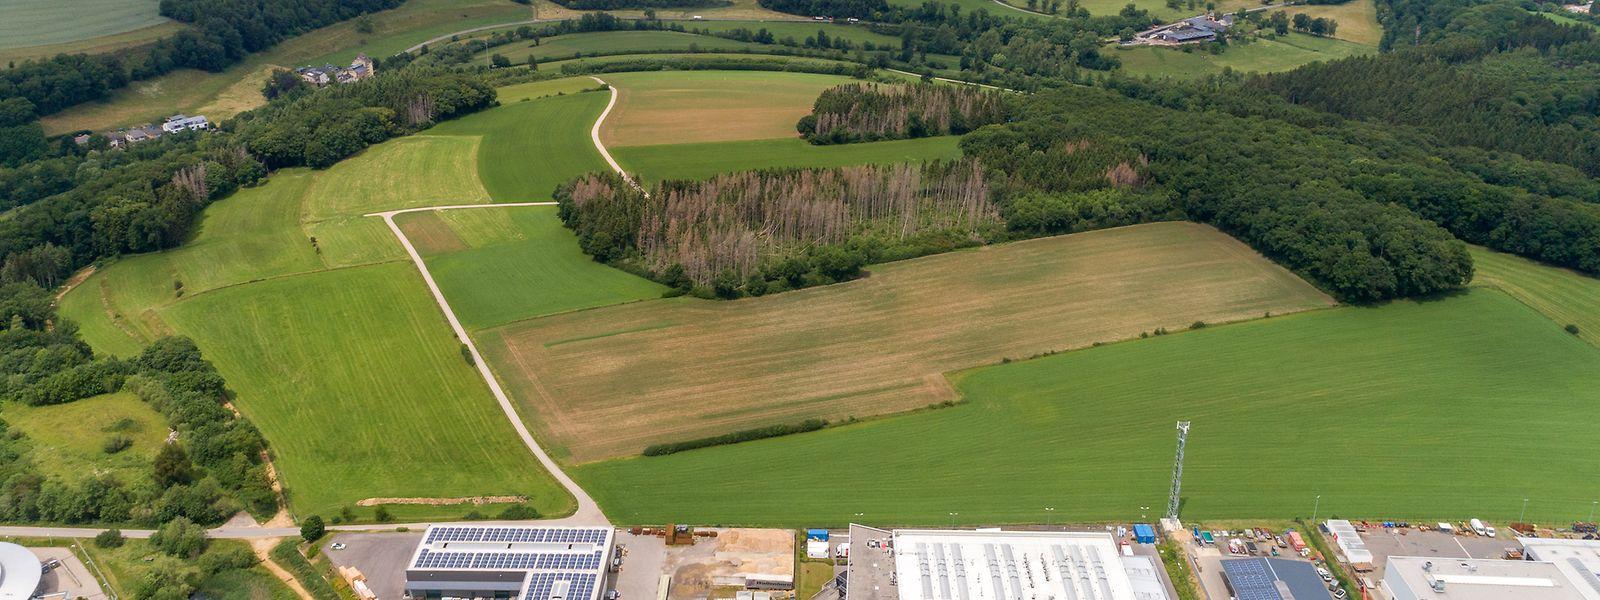 Auf 32,33 Hektar soll ein Rechenzentrum entstehen.